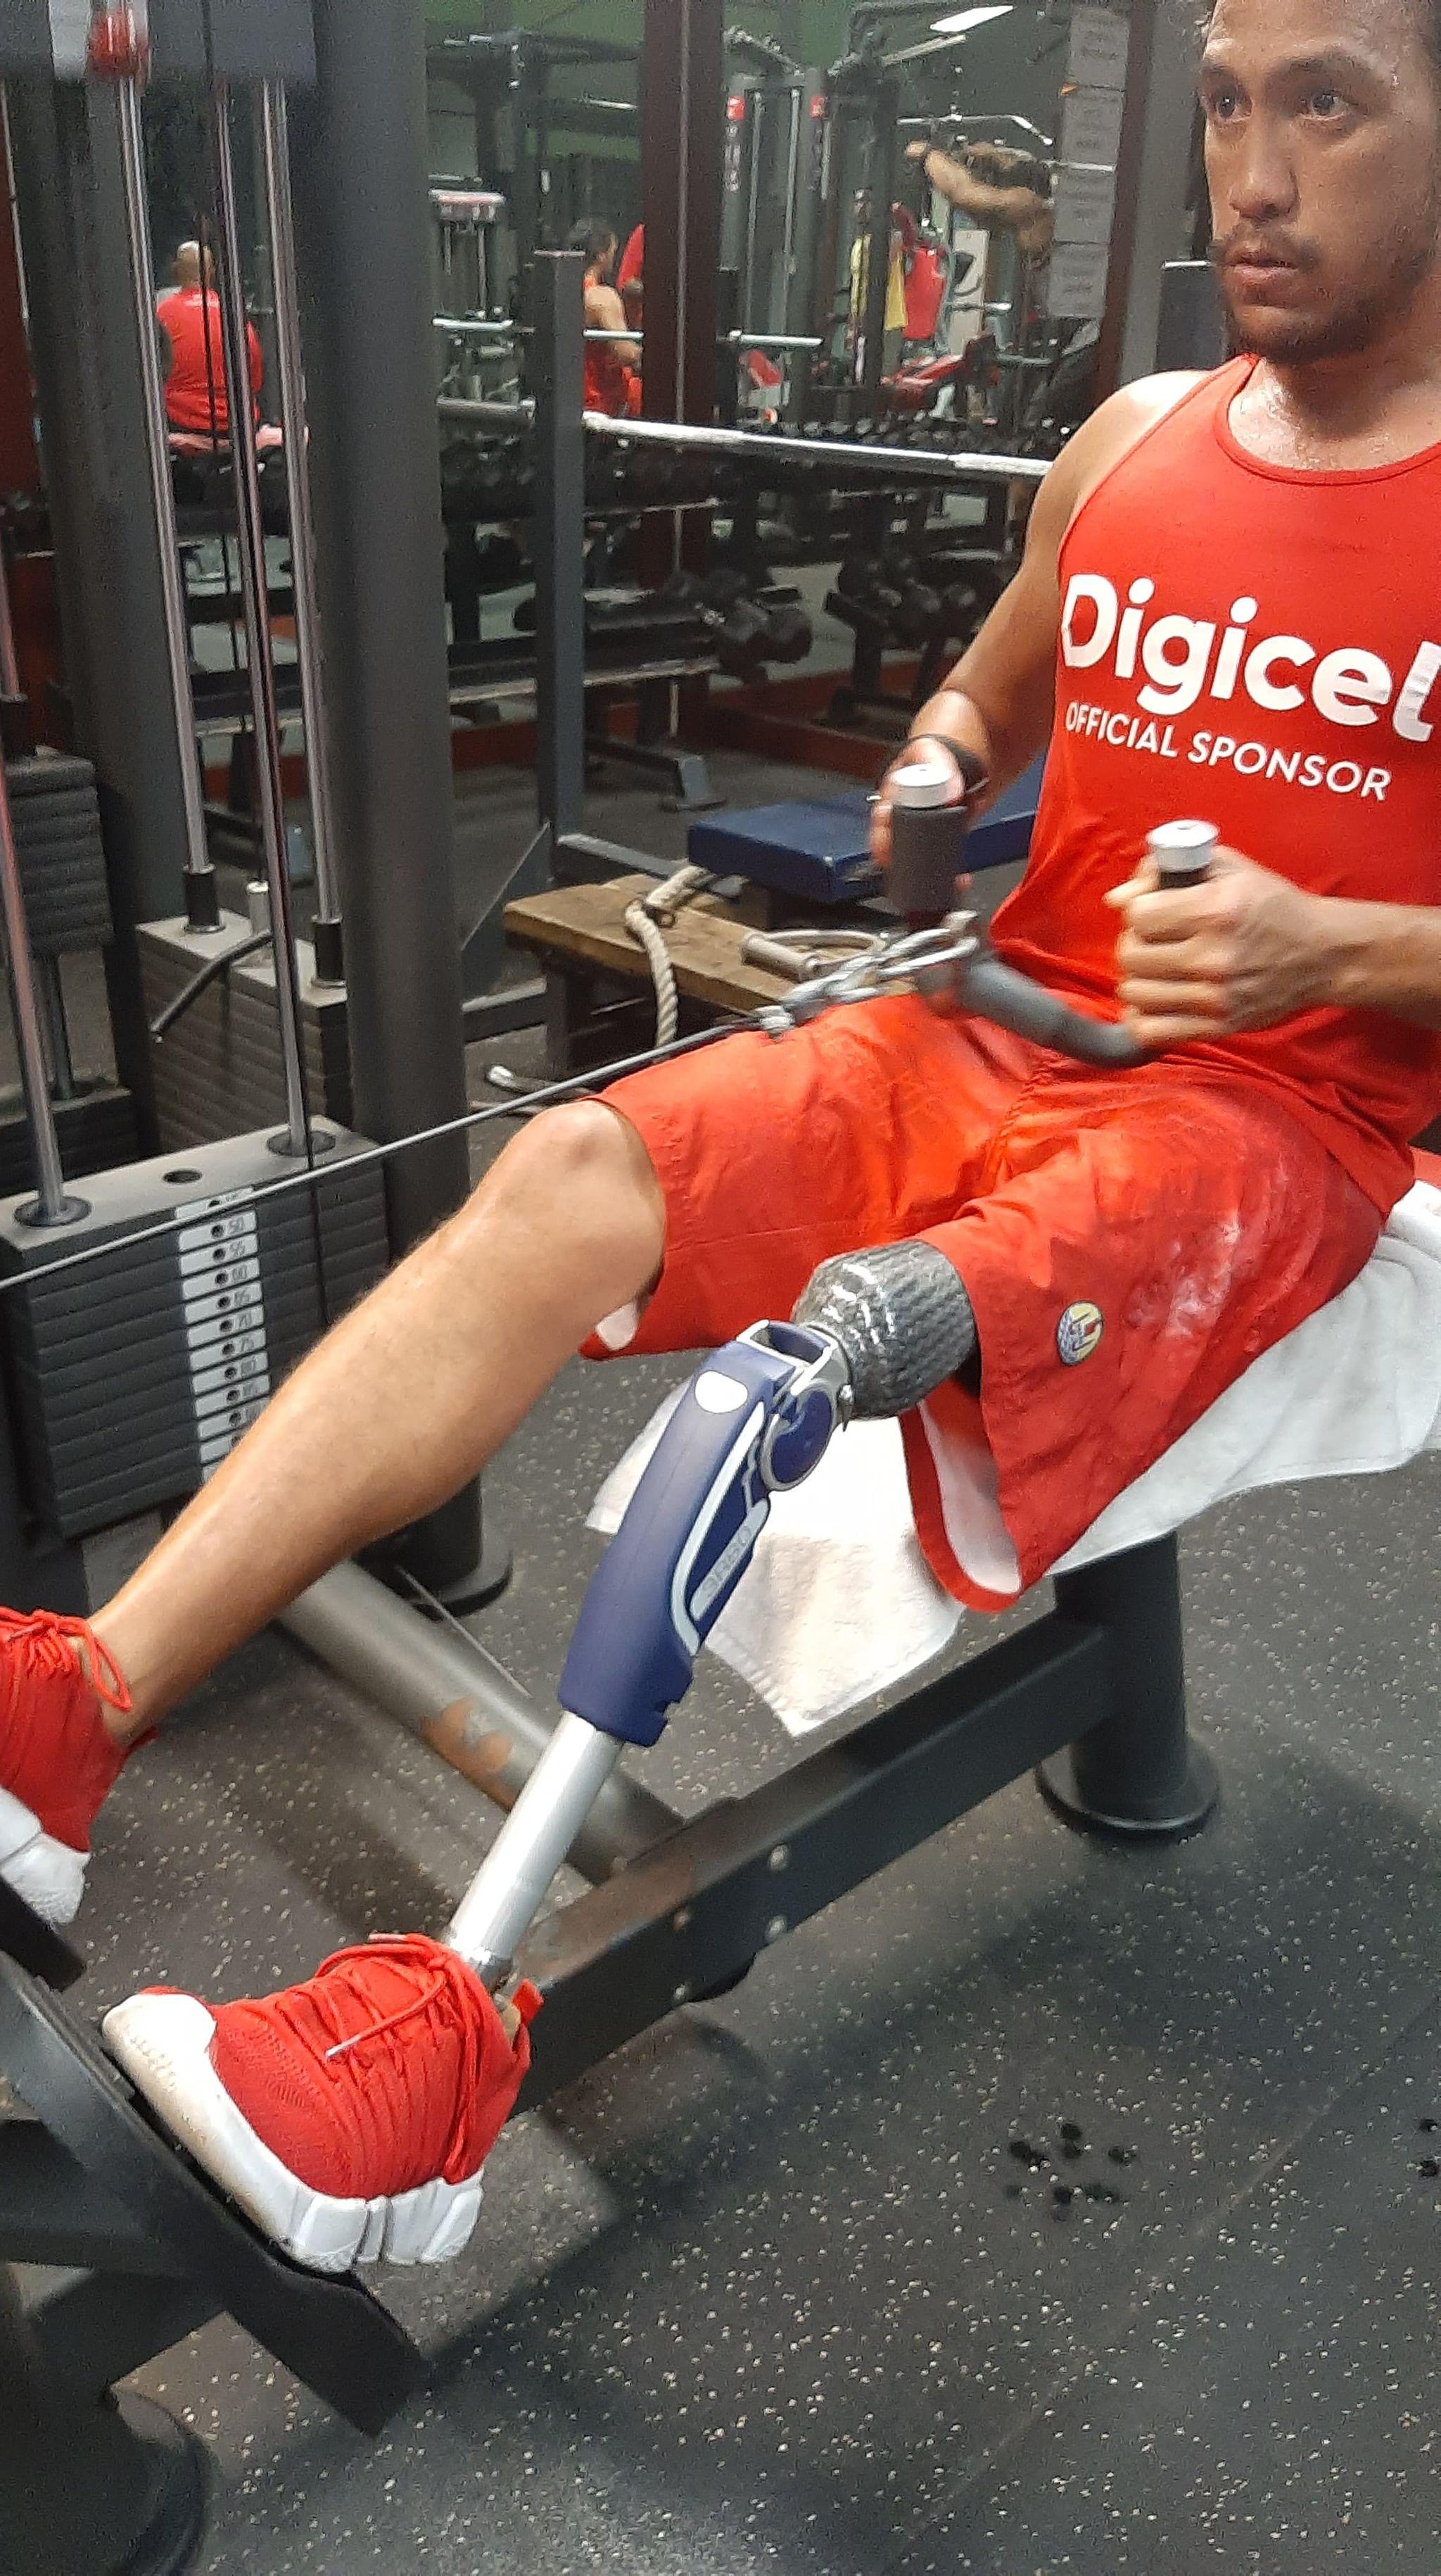 Allgower Maruae et son rêve paralympique